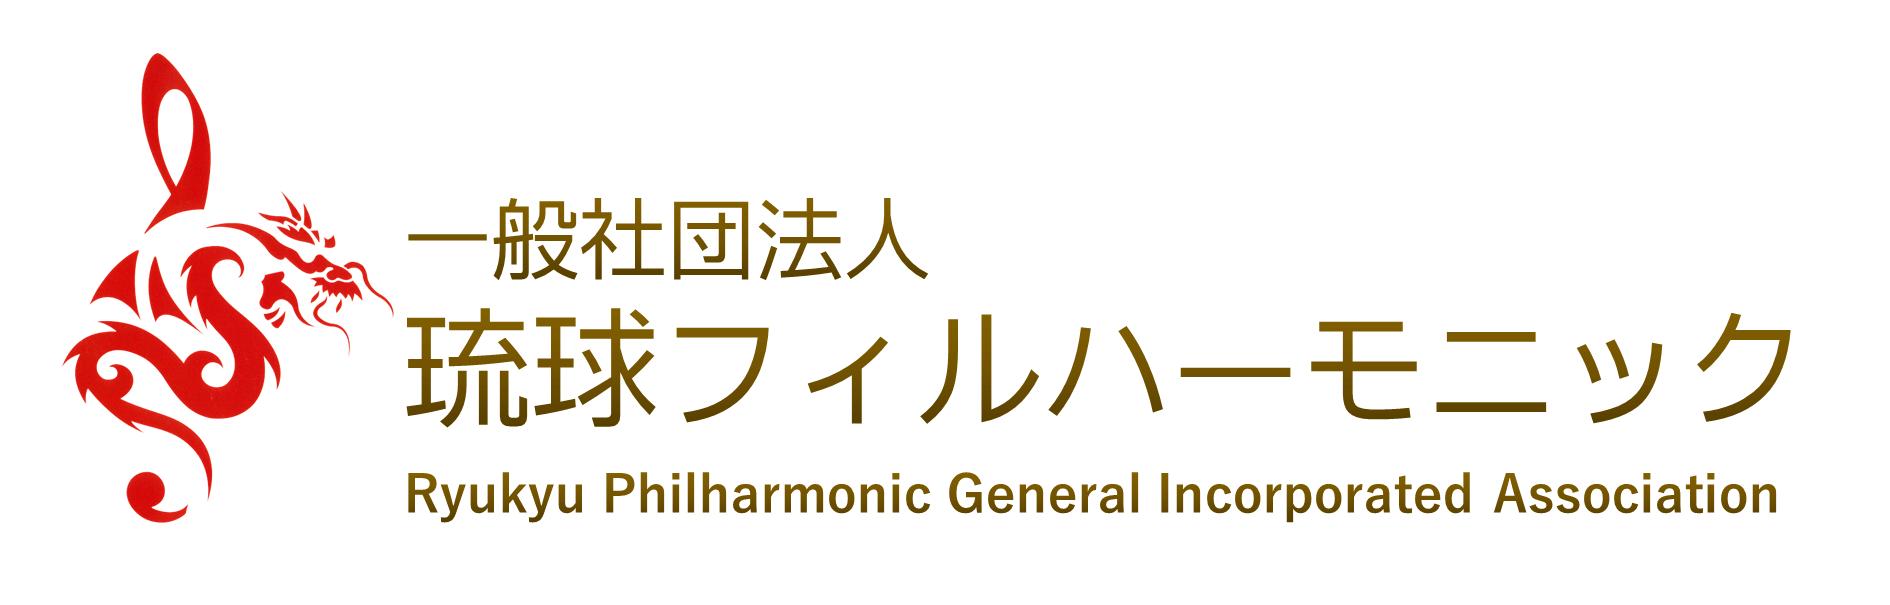 一般社団法人琉球フィルハーモニック